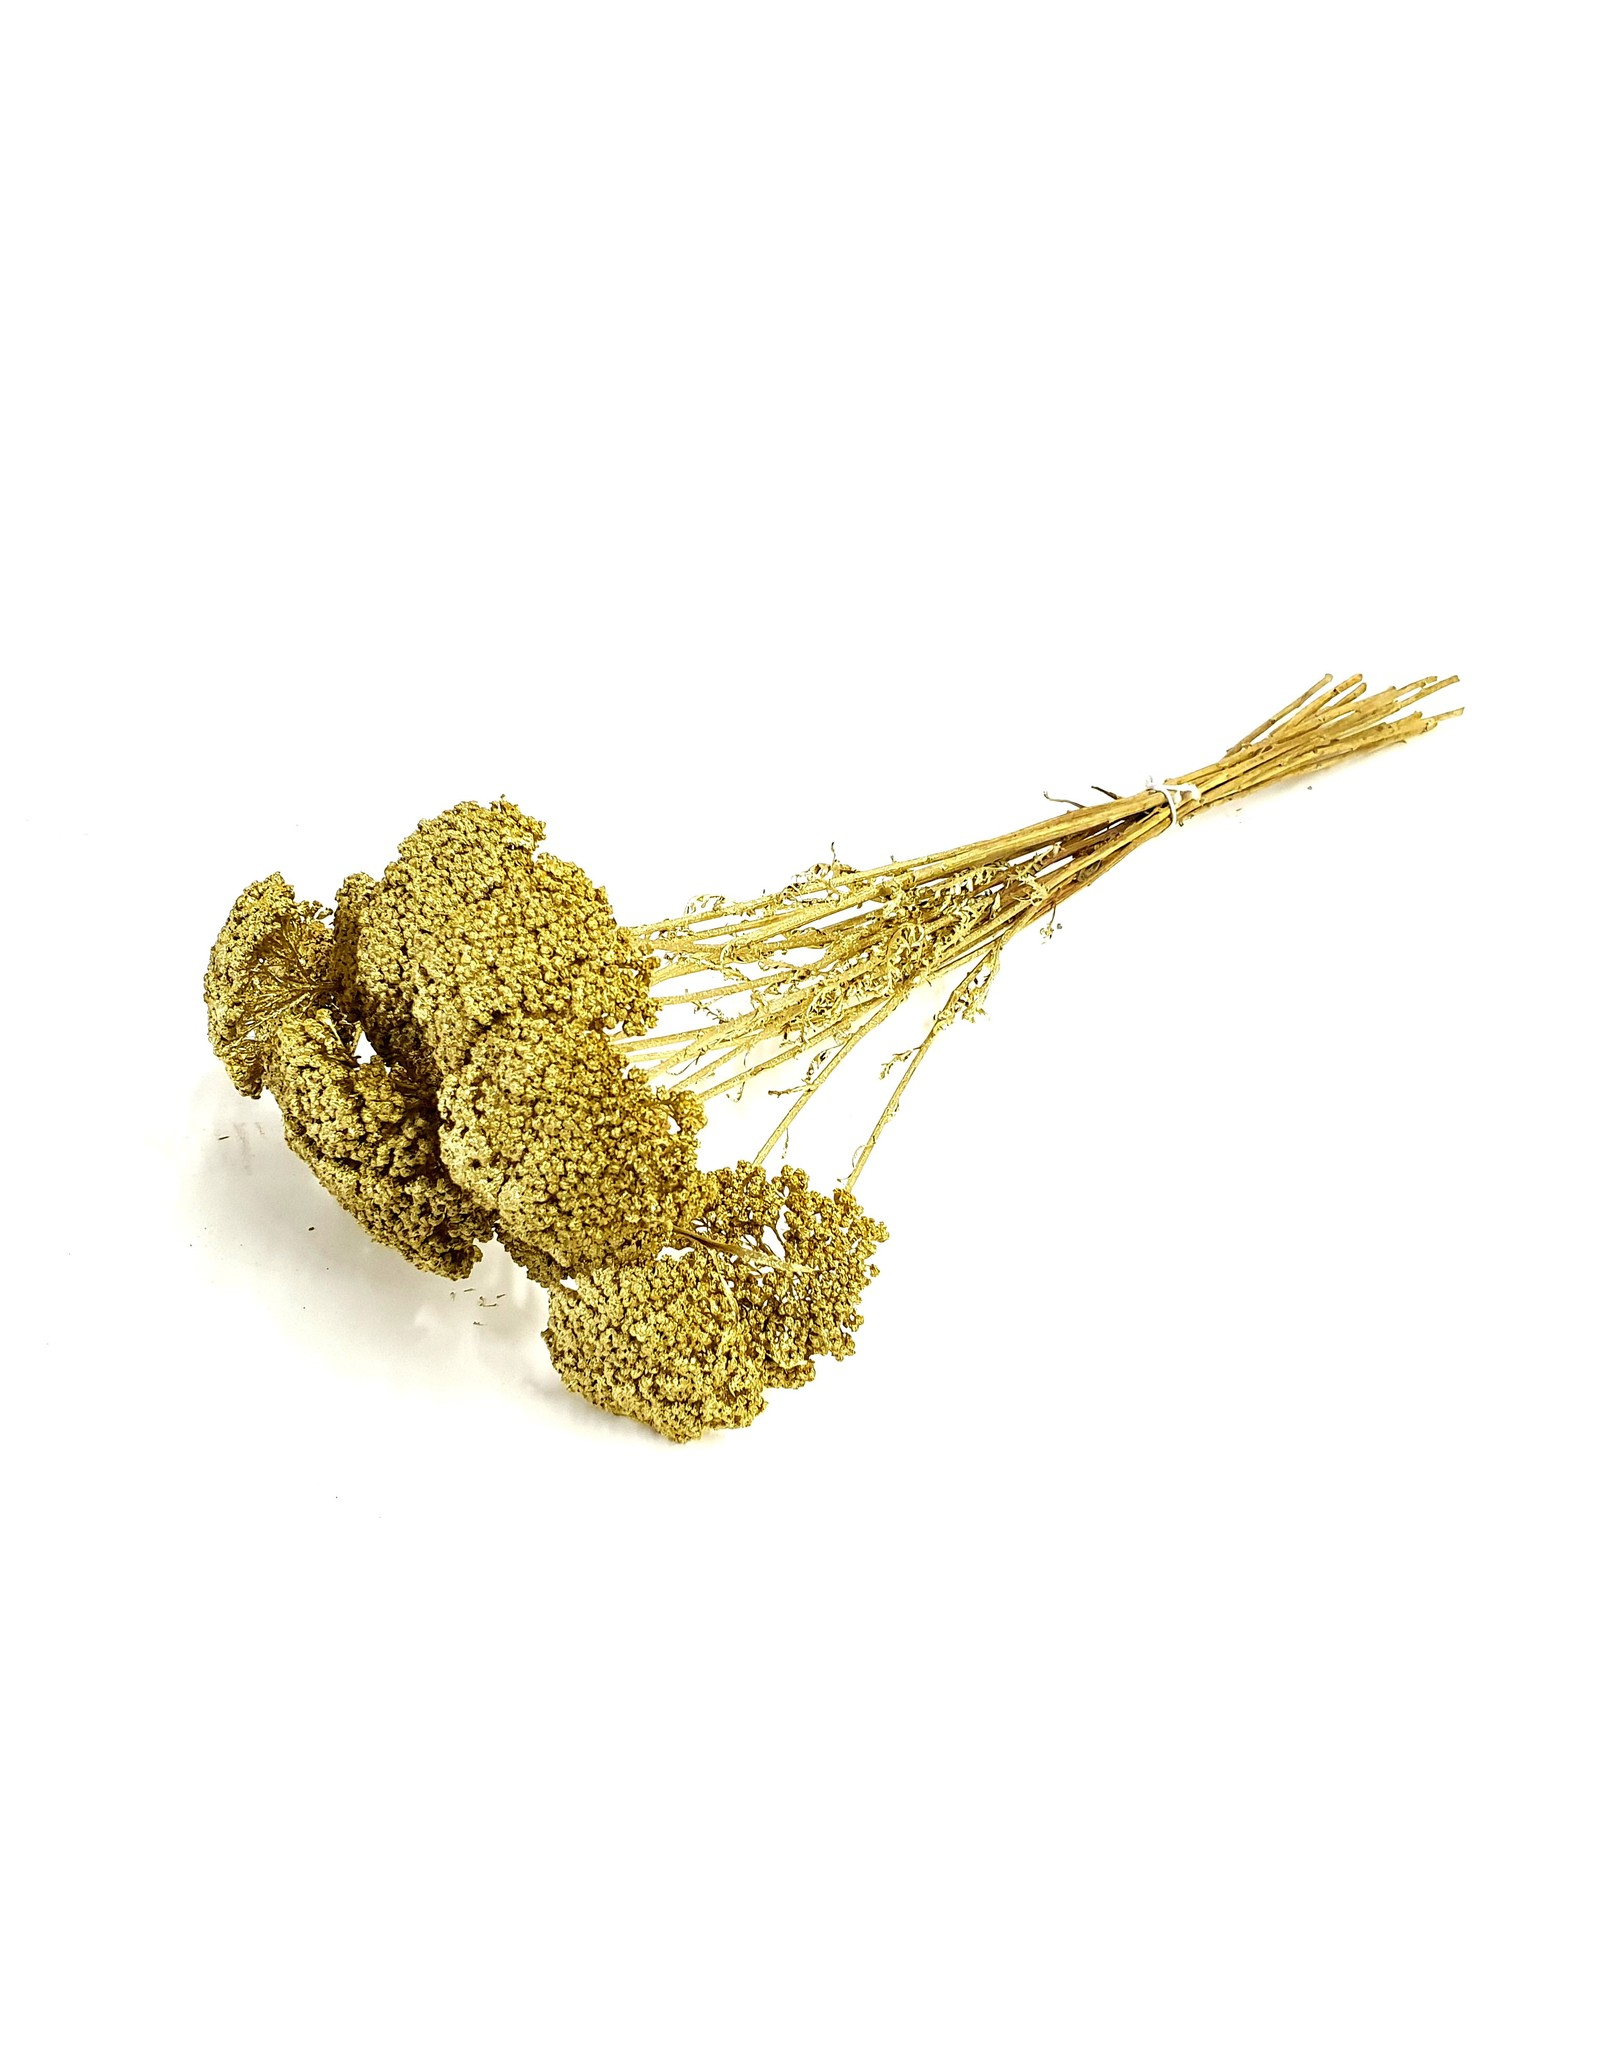 Achillea per stem Gold x 100